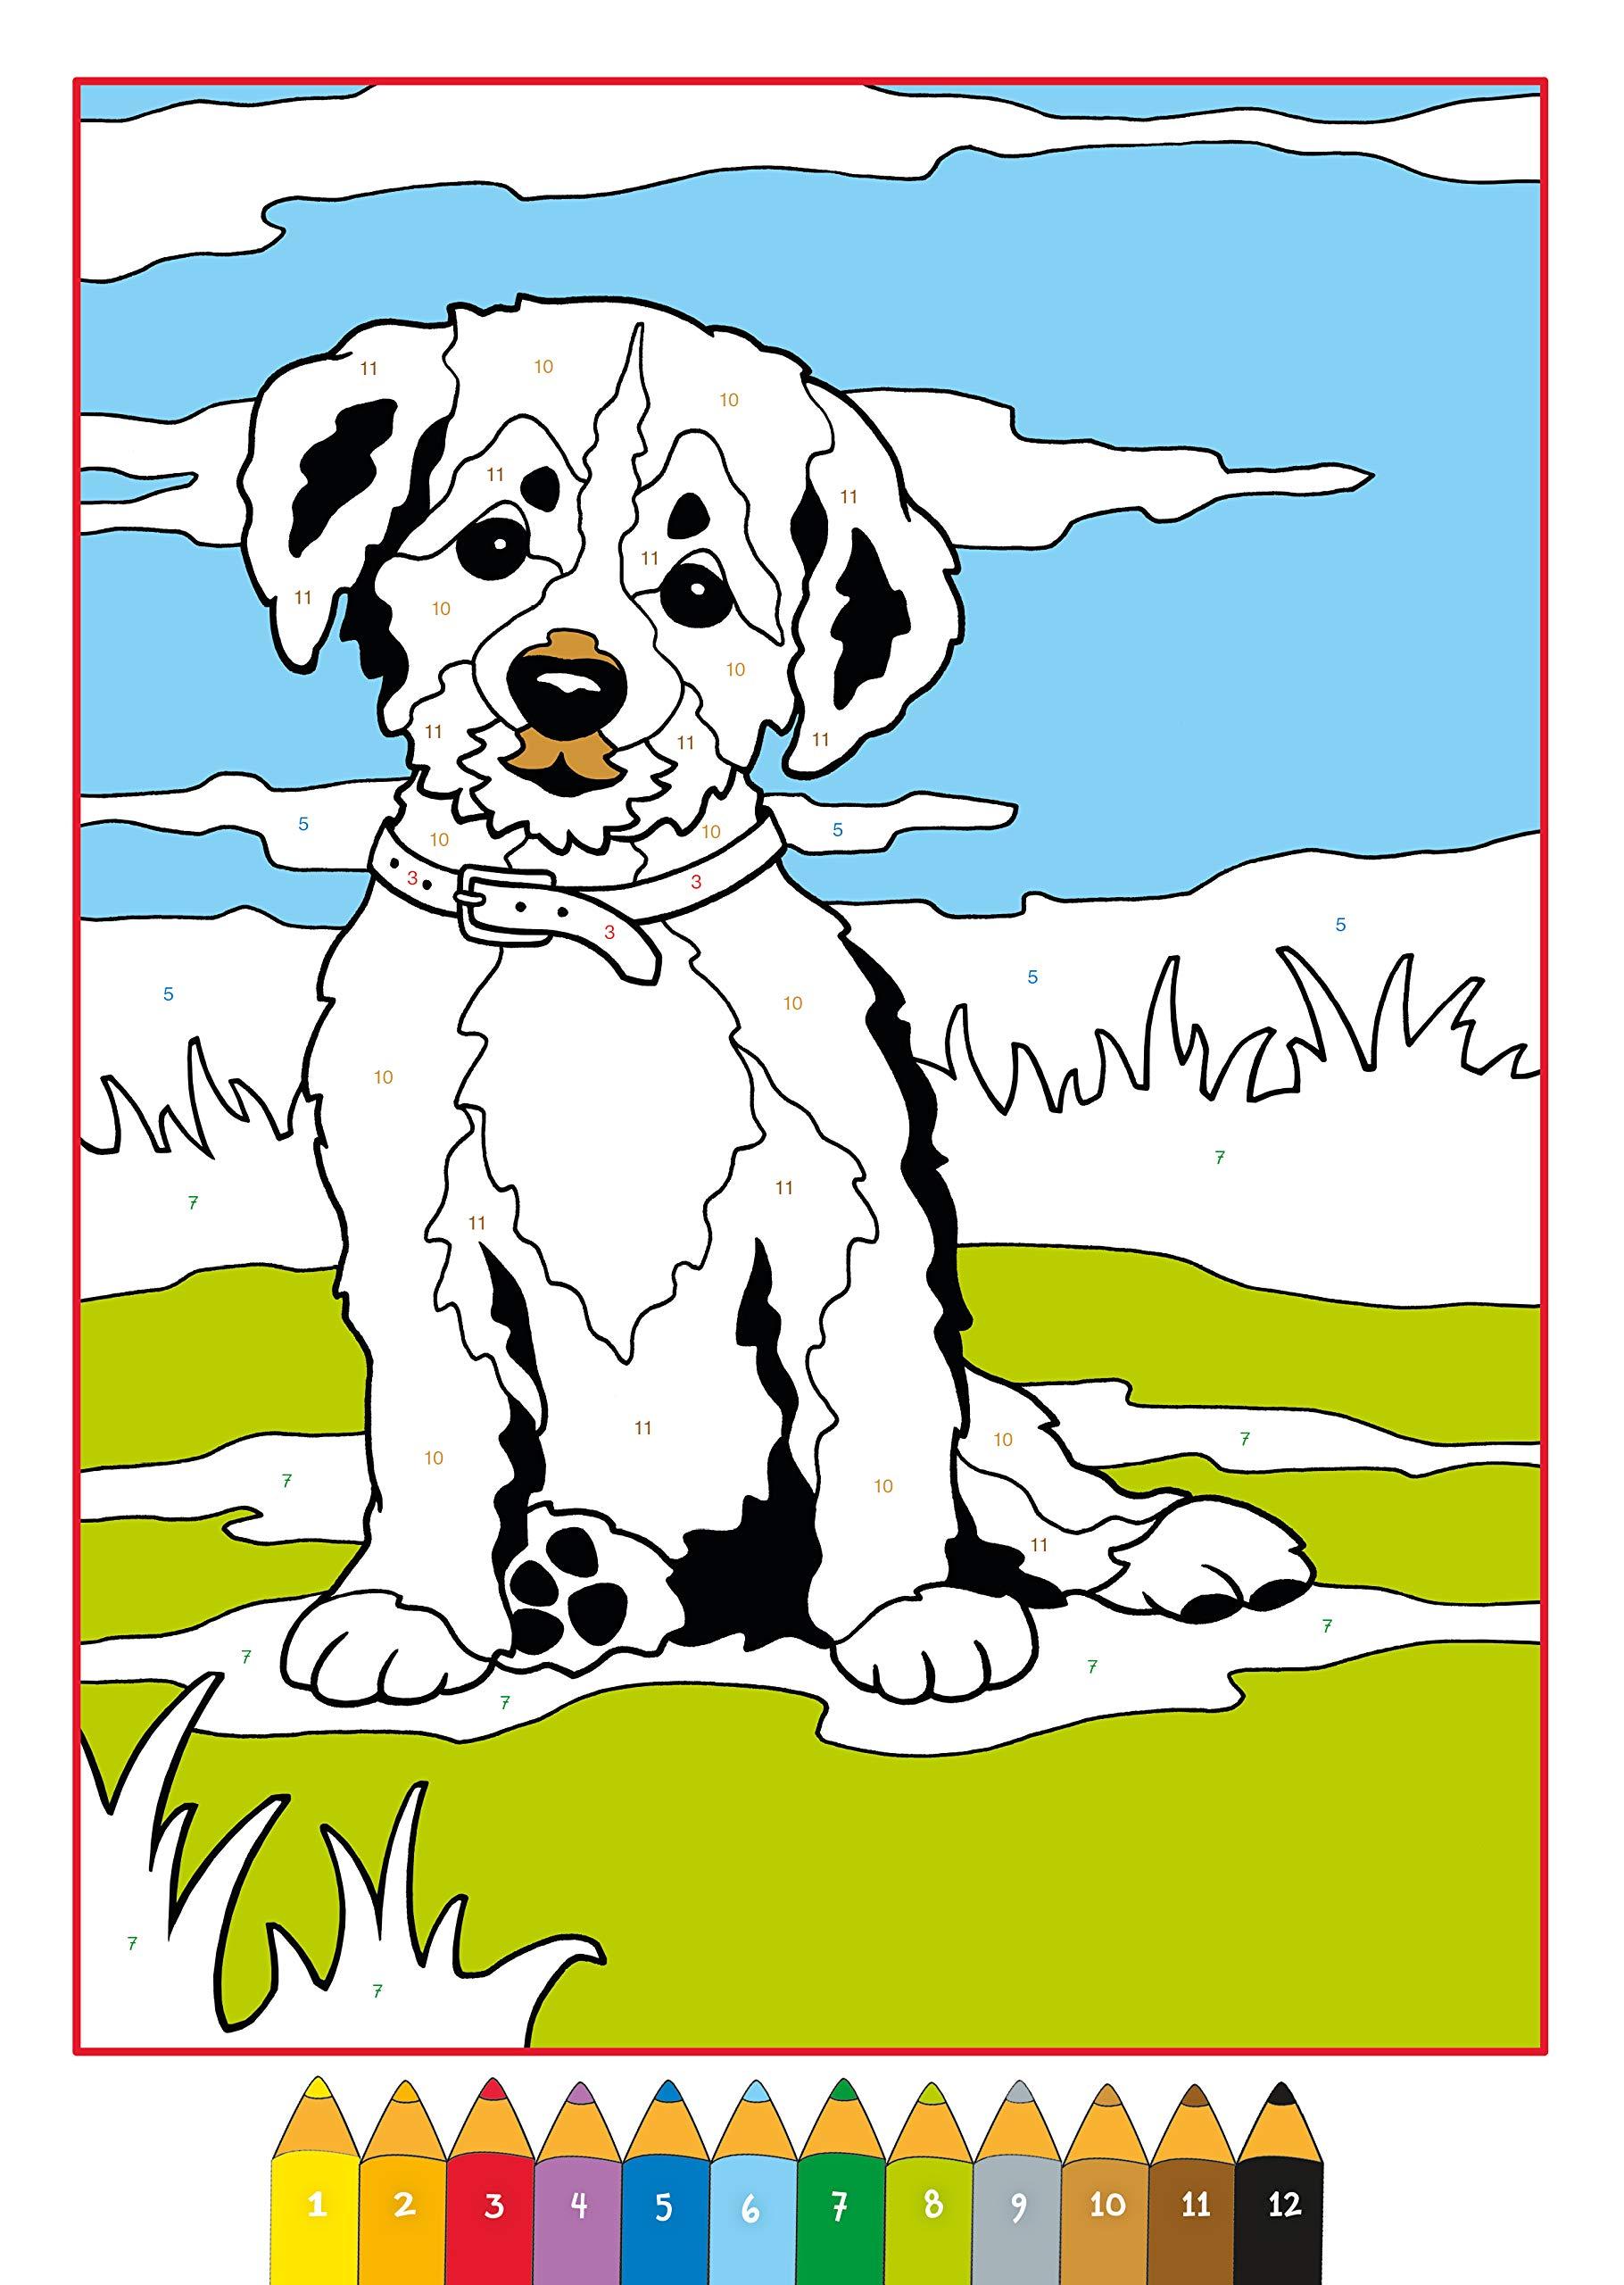 Zum malen hund zahlen nach ausdrucken Kostenlose Ausmalbilder